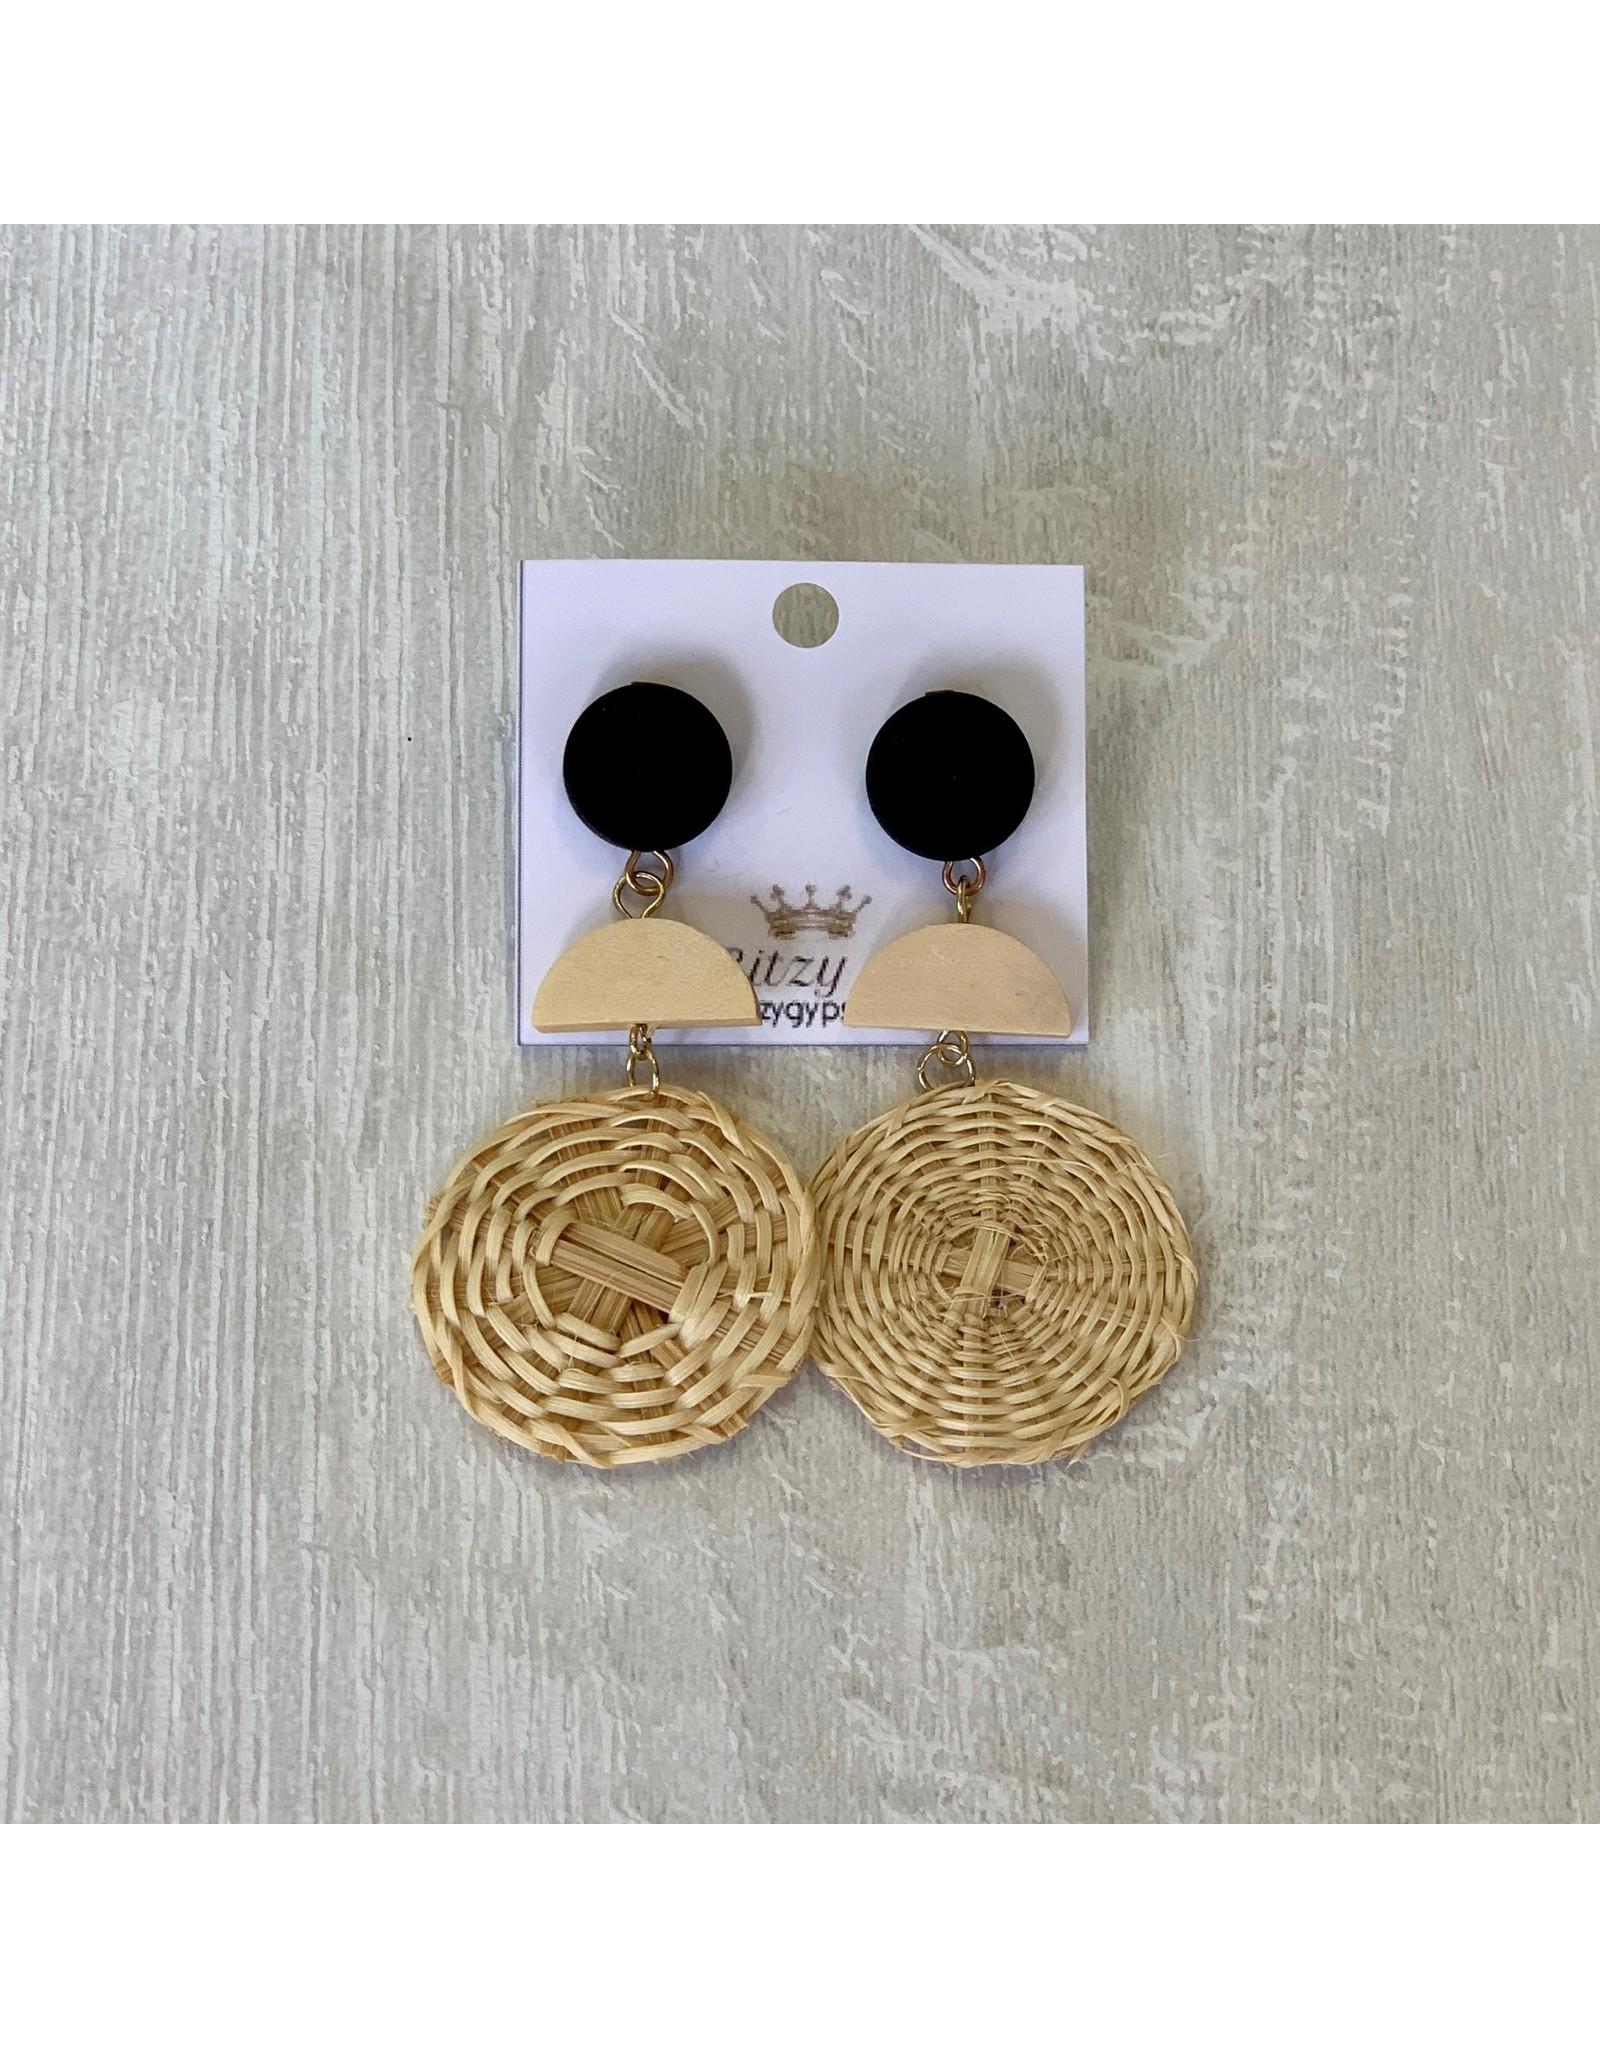 Funteze Accessories Simplicity Woven Earrings